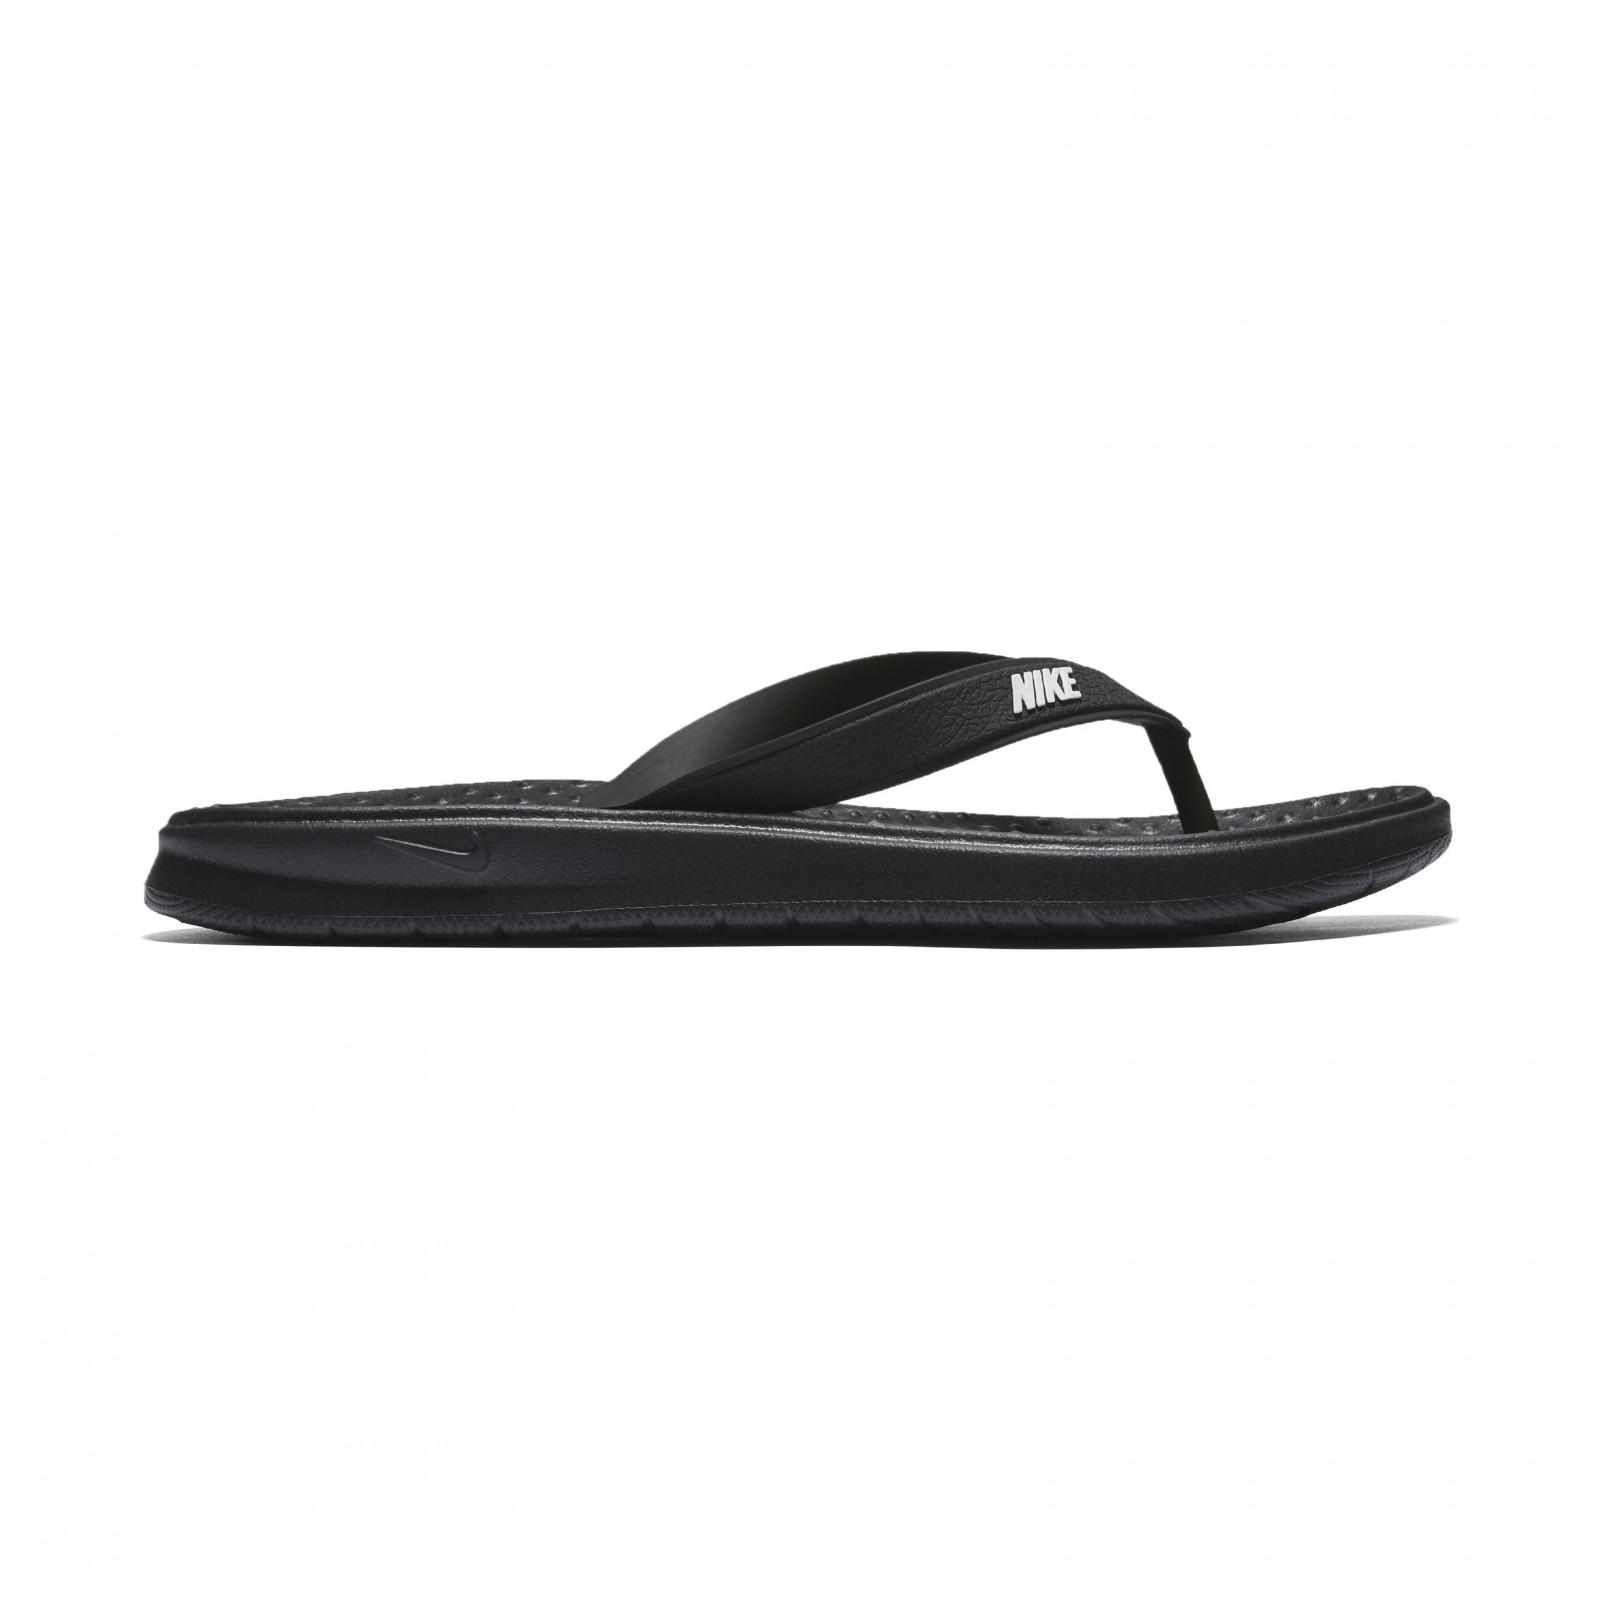 a2e8783b852 Dámské žabky Nike WMNS SOLAY THONG